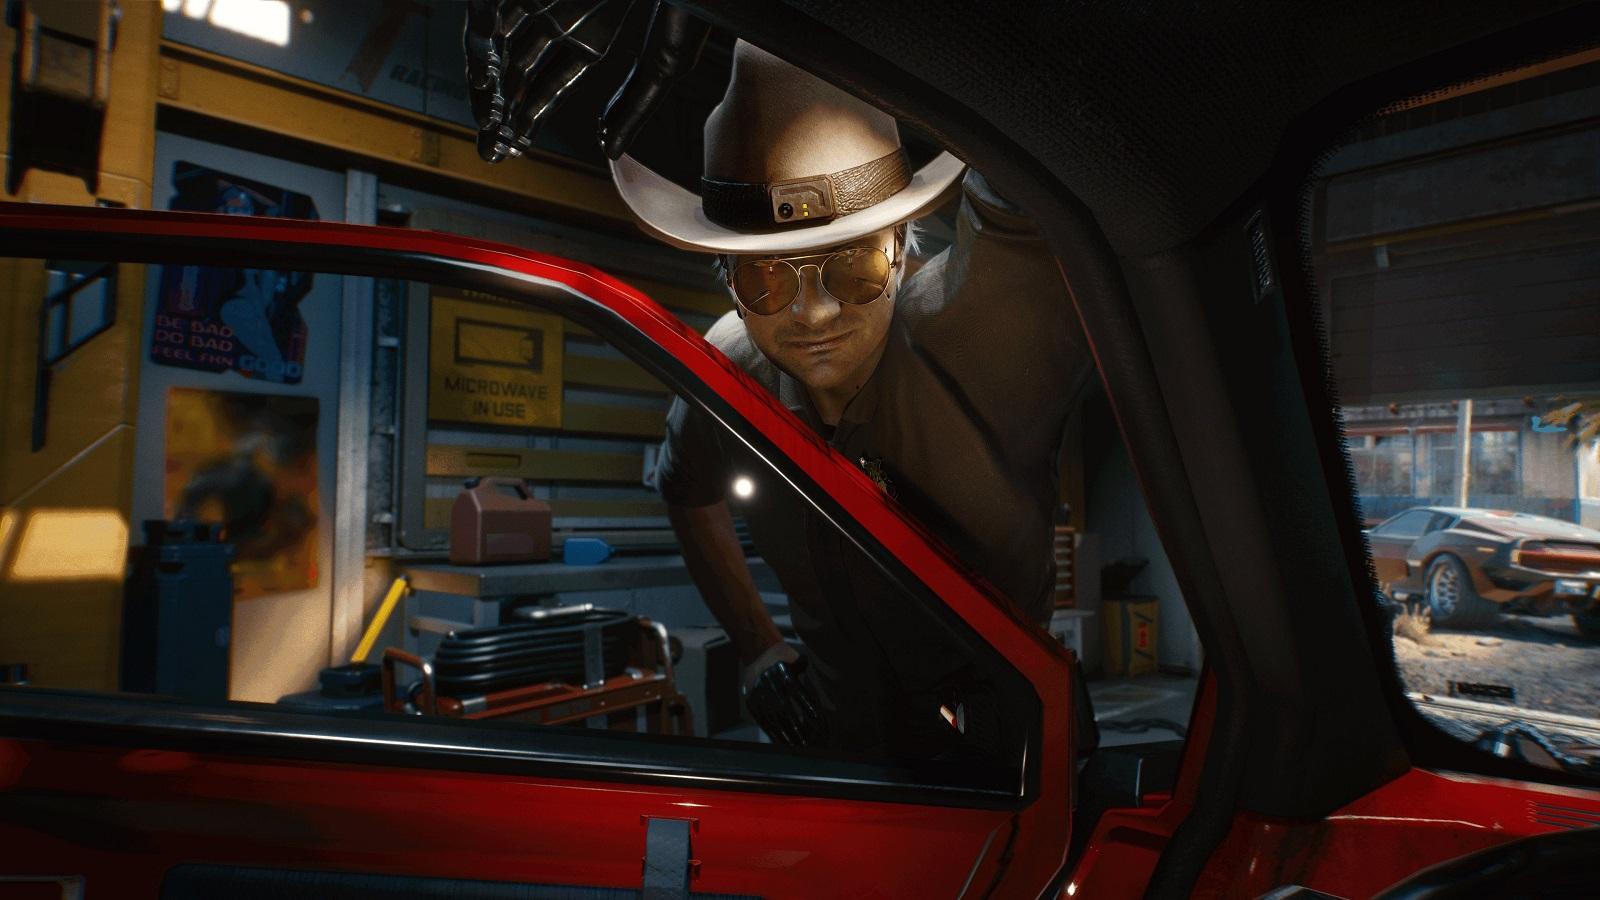 Видео: вступление кочевника и улучшения первого дня в геймплее Cyberpunk 2077 с PS4 Pro и PS5